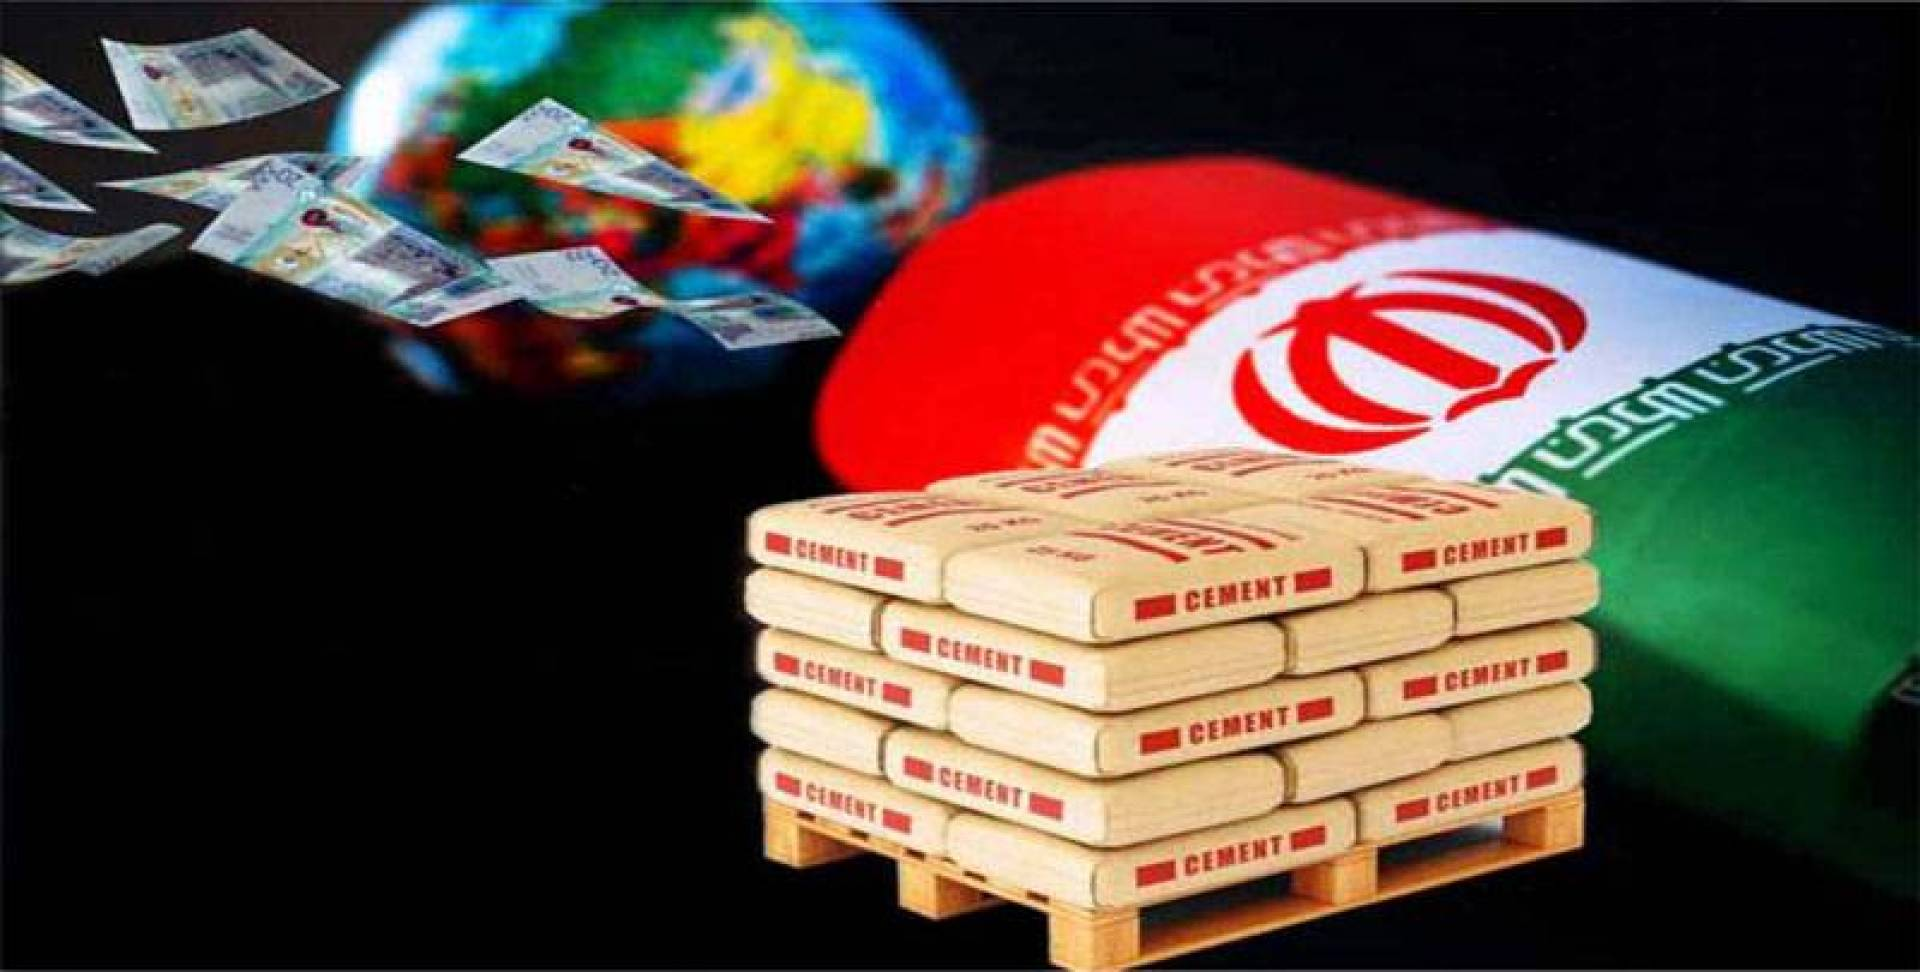 إجماع خليجي لفرض رسوم إغراق على الأسمنت الإيراني